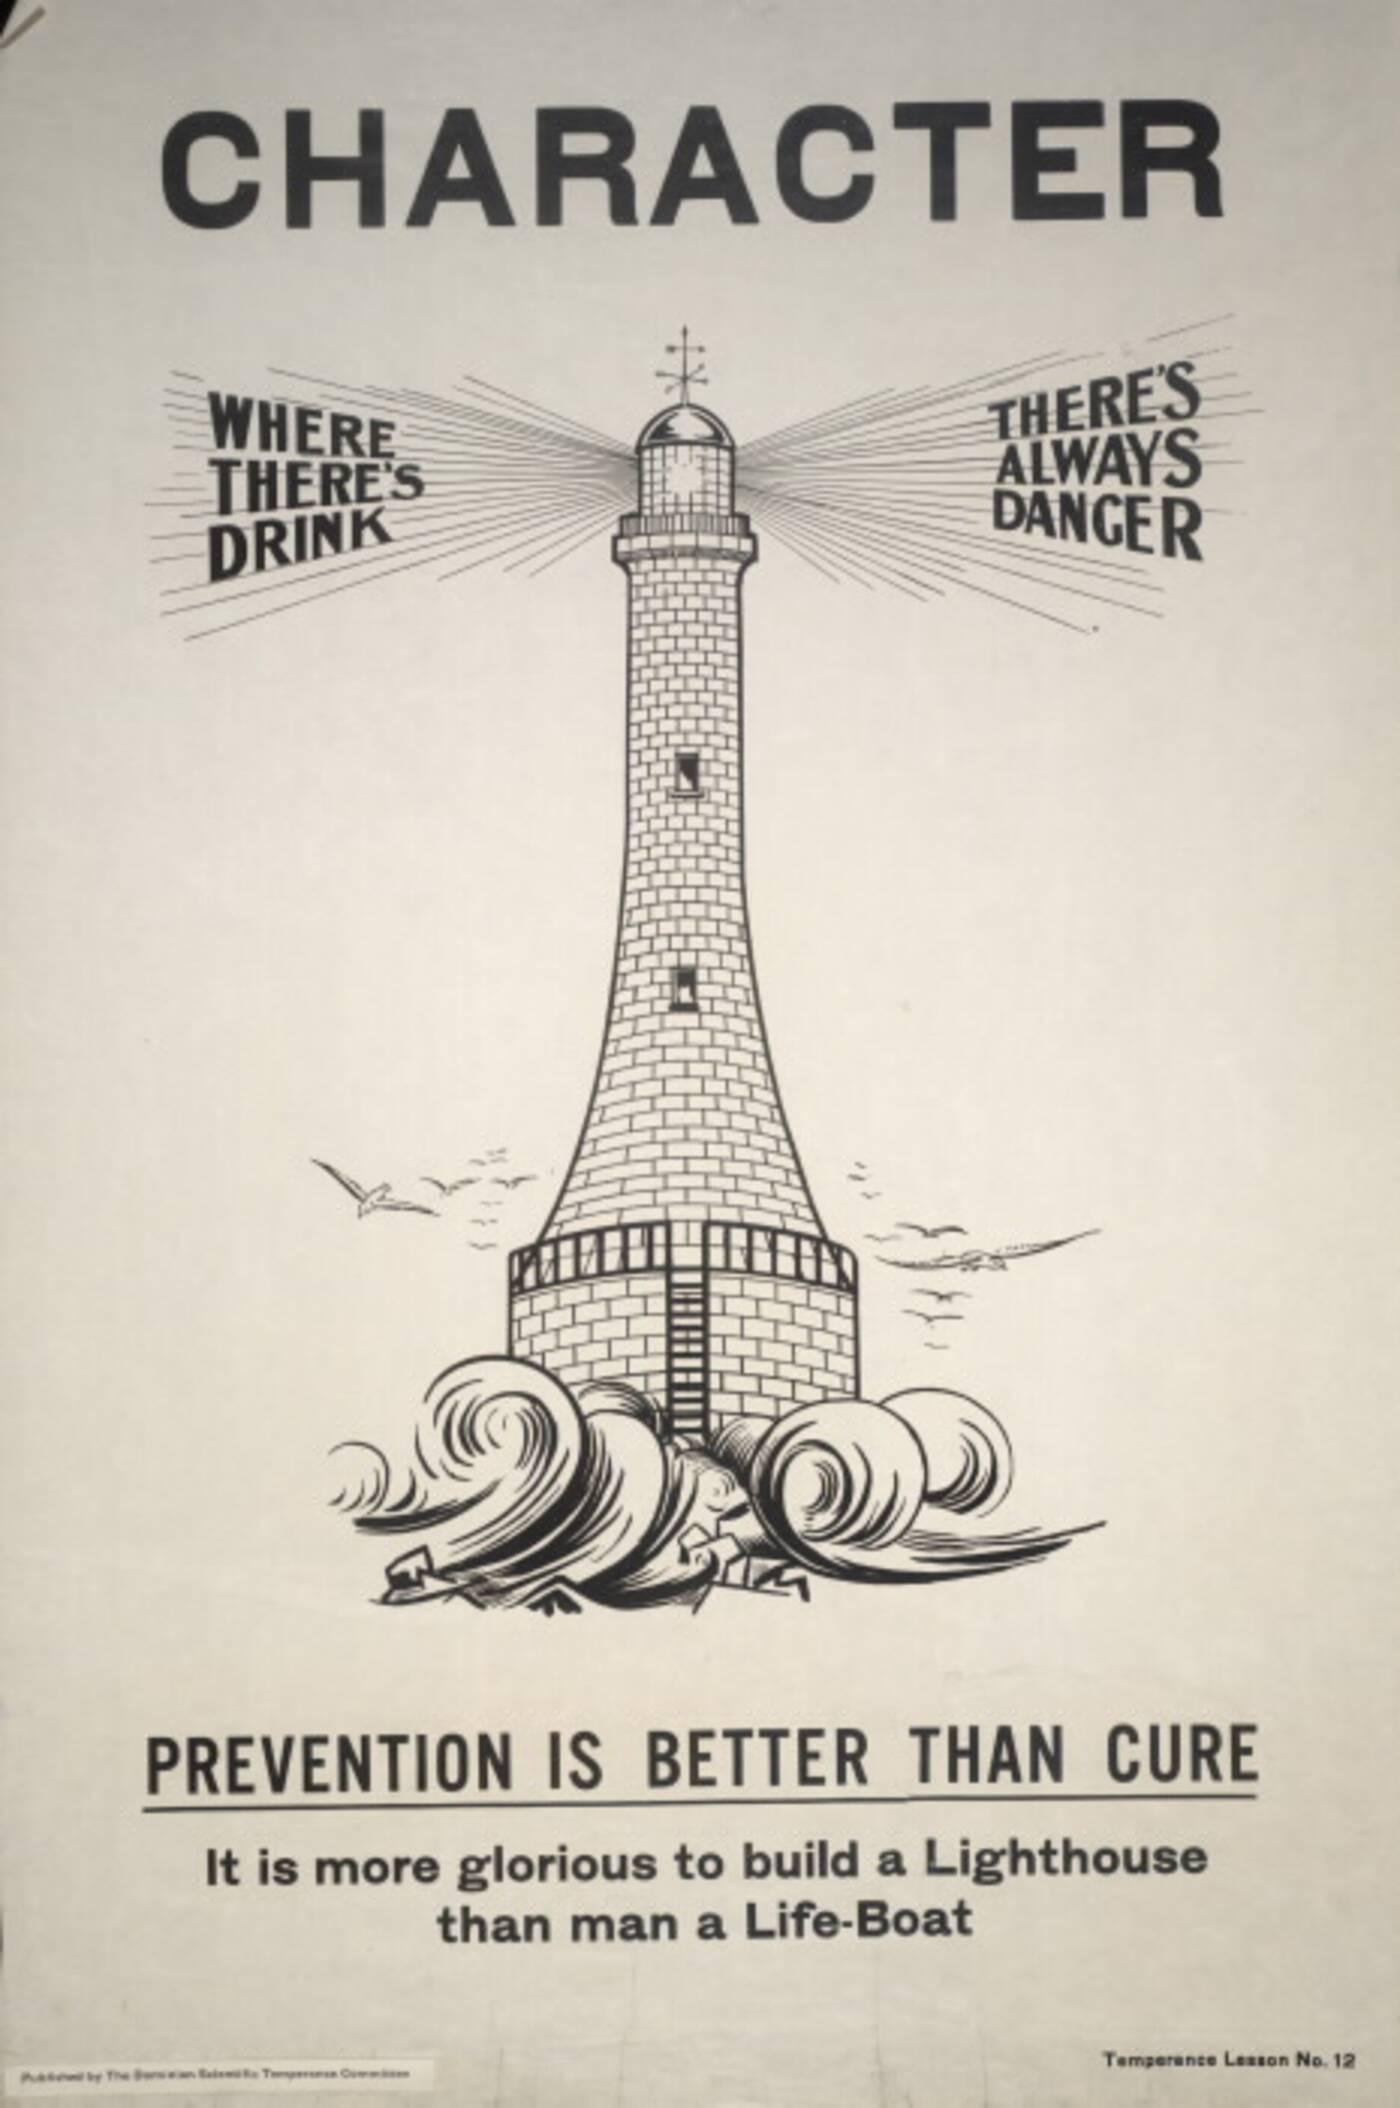 prohibition in canada